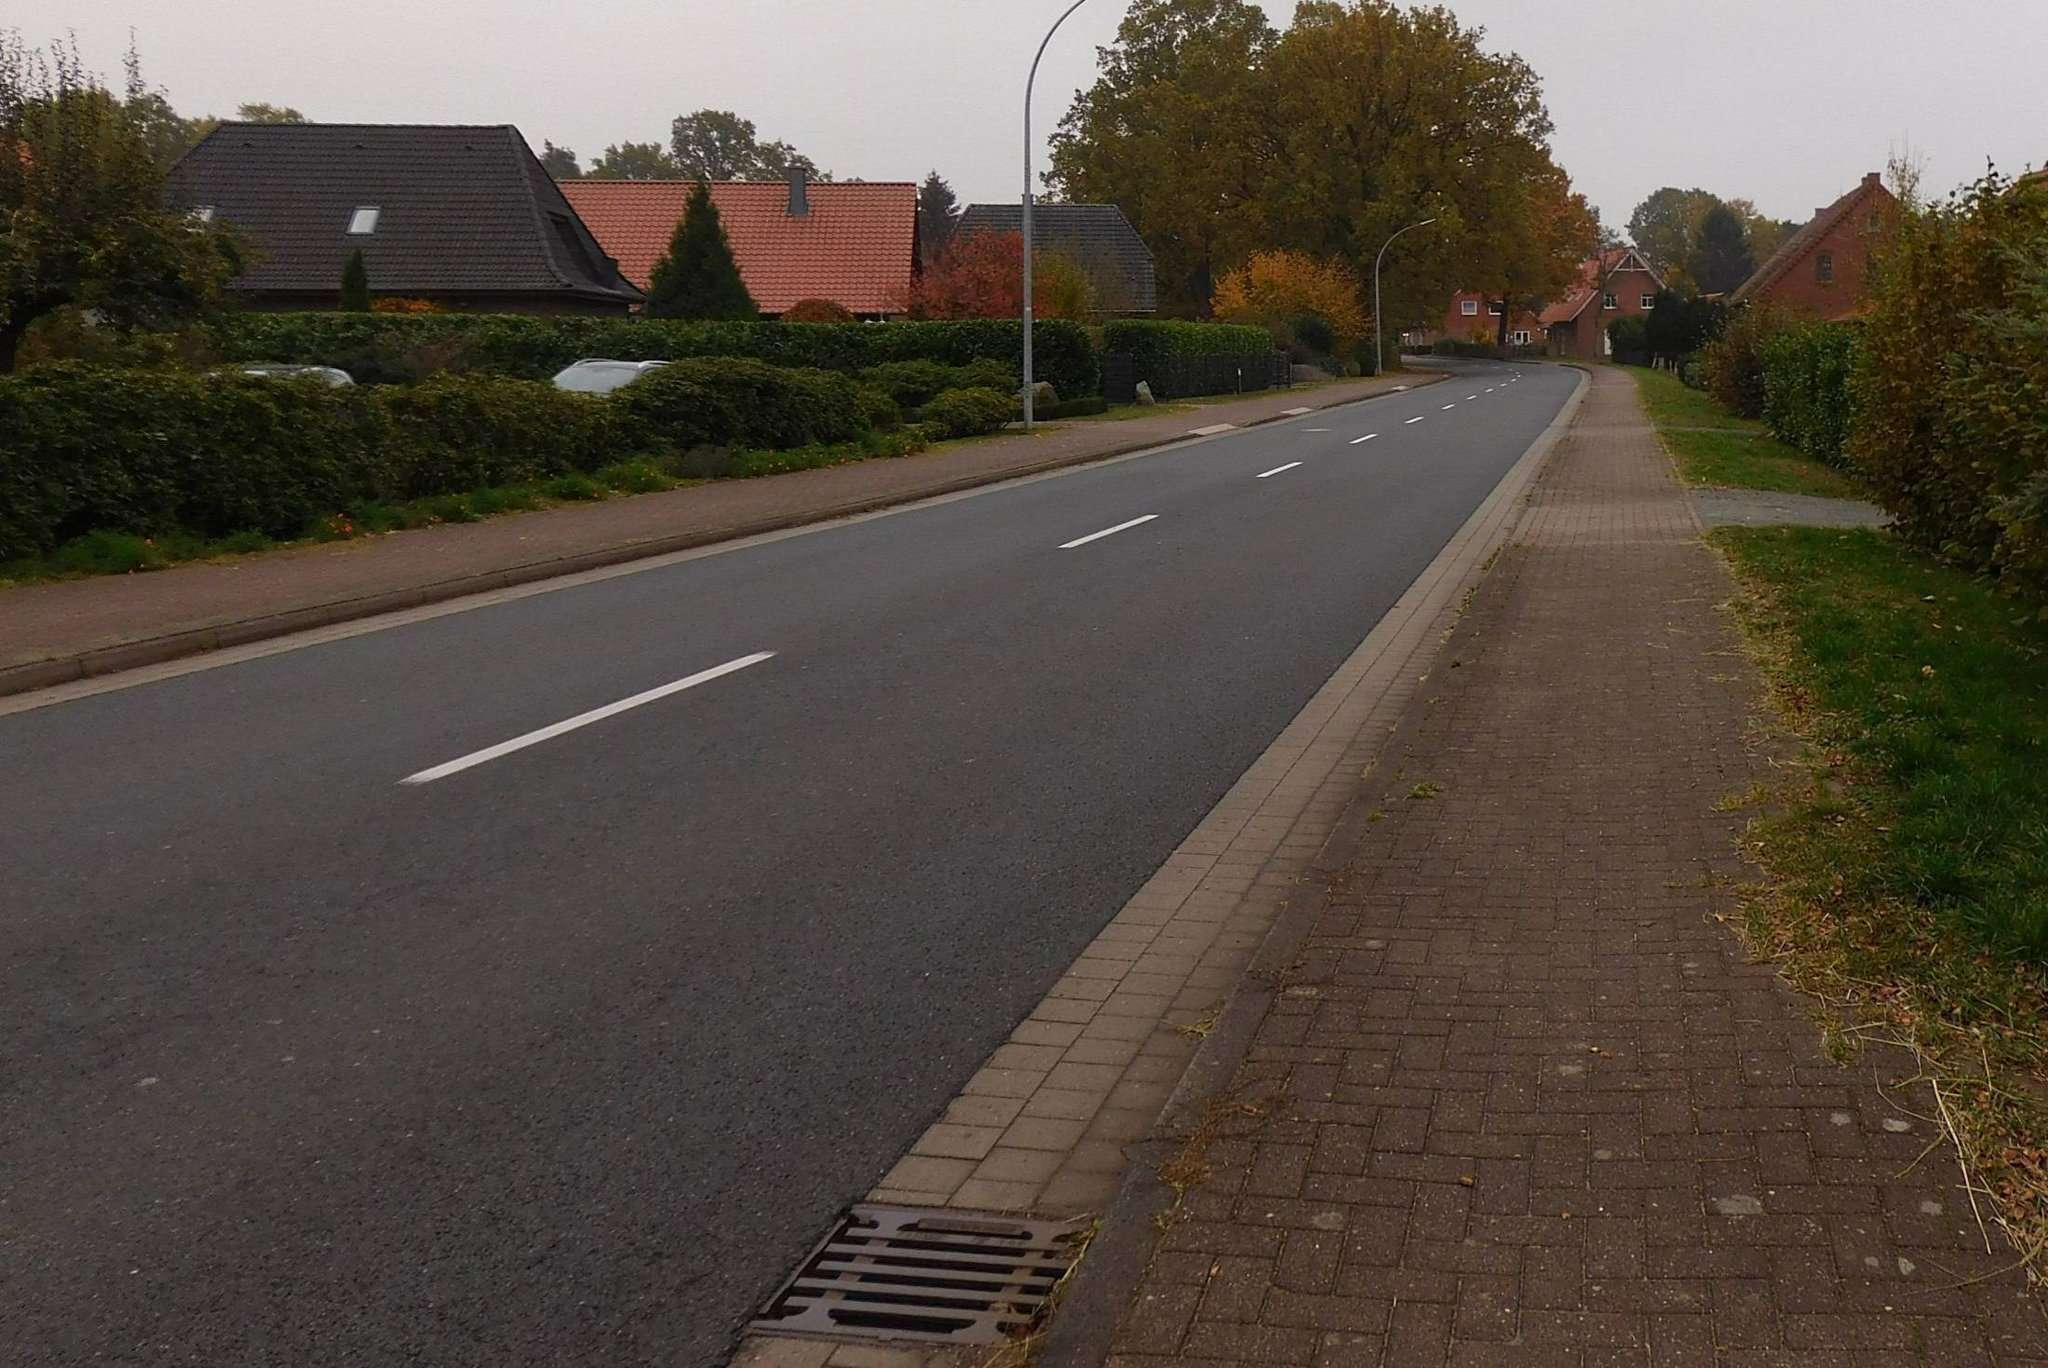 Auf der Kreisstraße 9 in Grasdorf geht es nur noch am Sonntagmorgen so ruhig zu. Ansonsten, so die Anwohner, sorgen dort zunehmend mehr Fahrzeuge für unzumutbaren Lärm. Foto: Sünje Lou00ebs